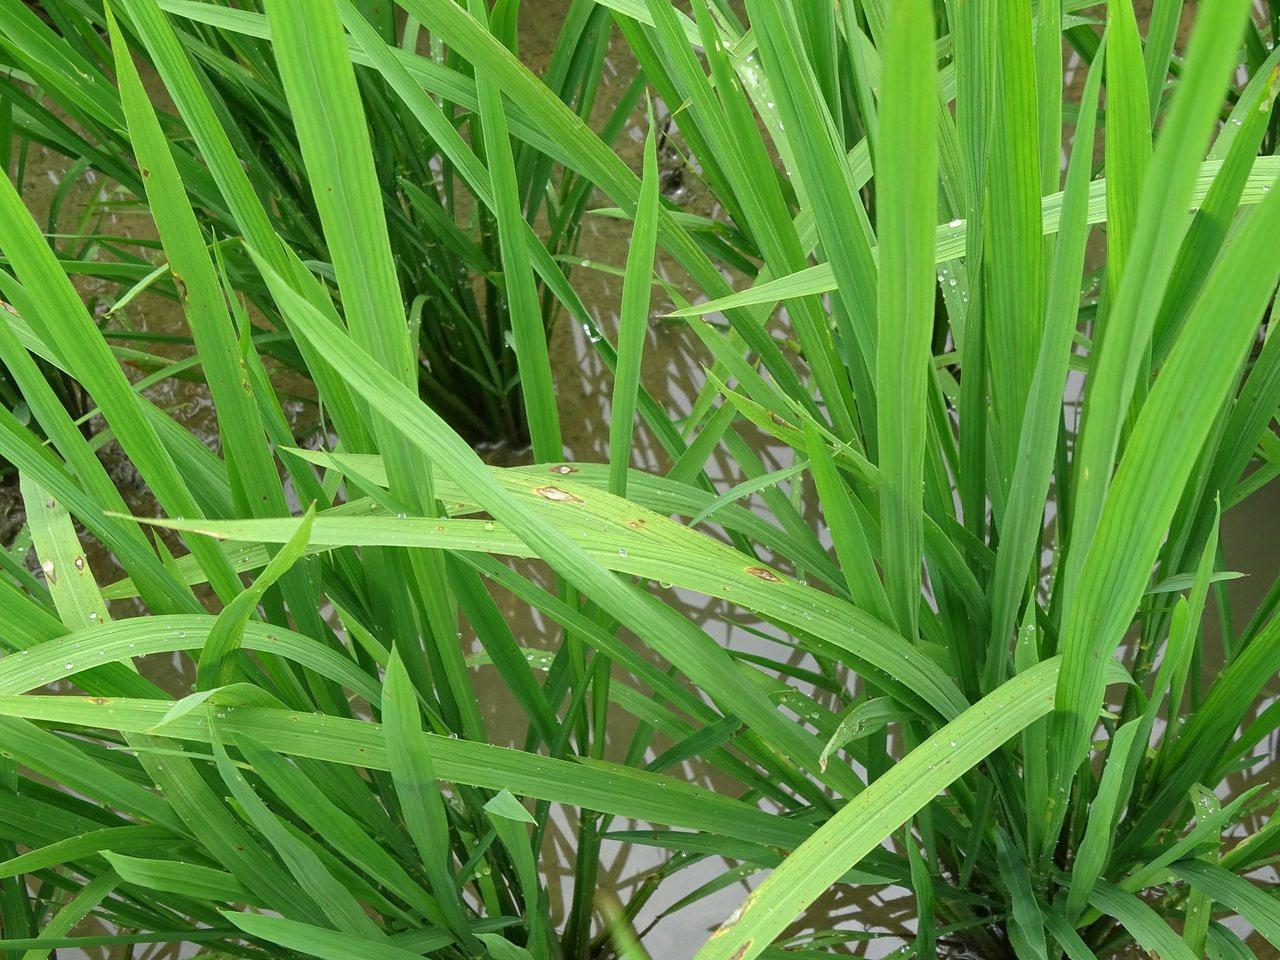 台灣水稻產區出現稻熱病,農改場籲防治。圖/場方提供